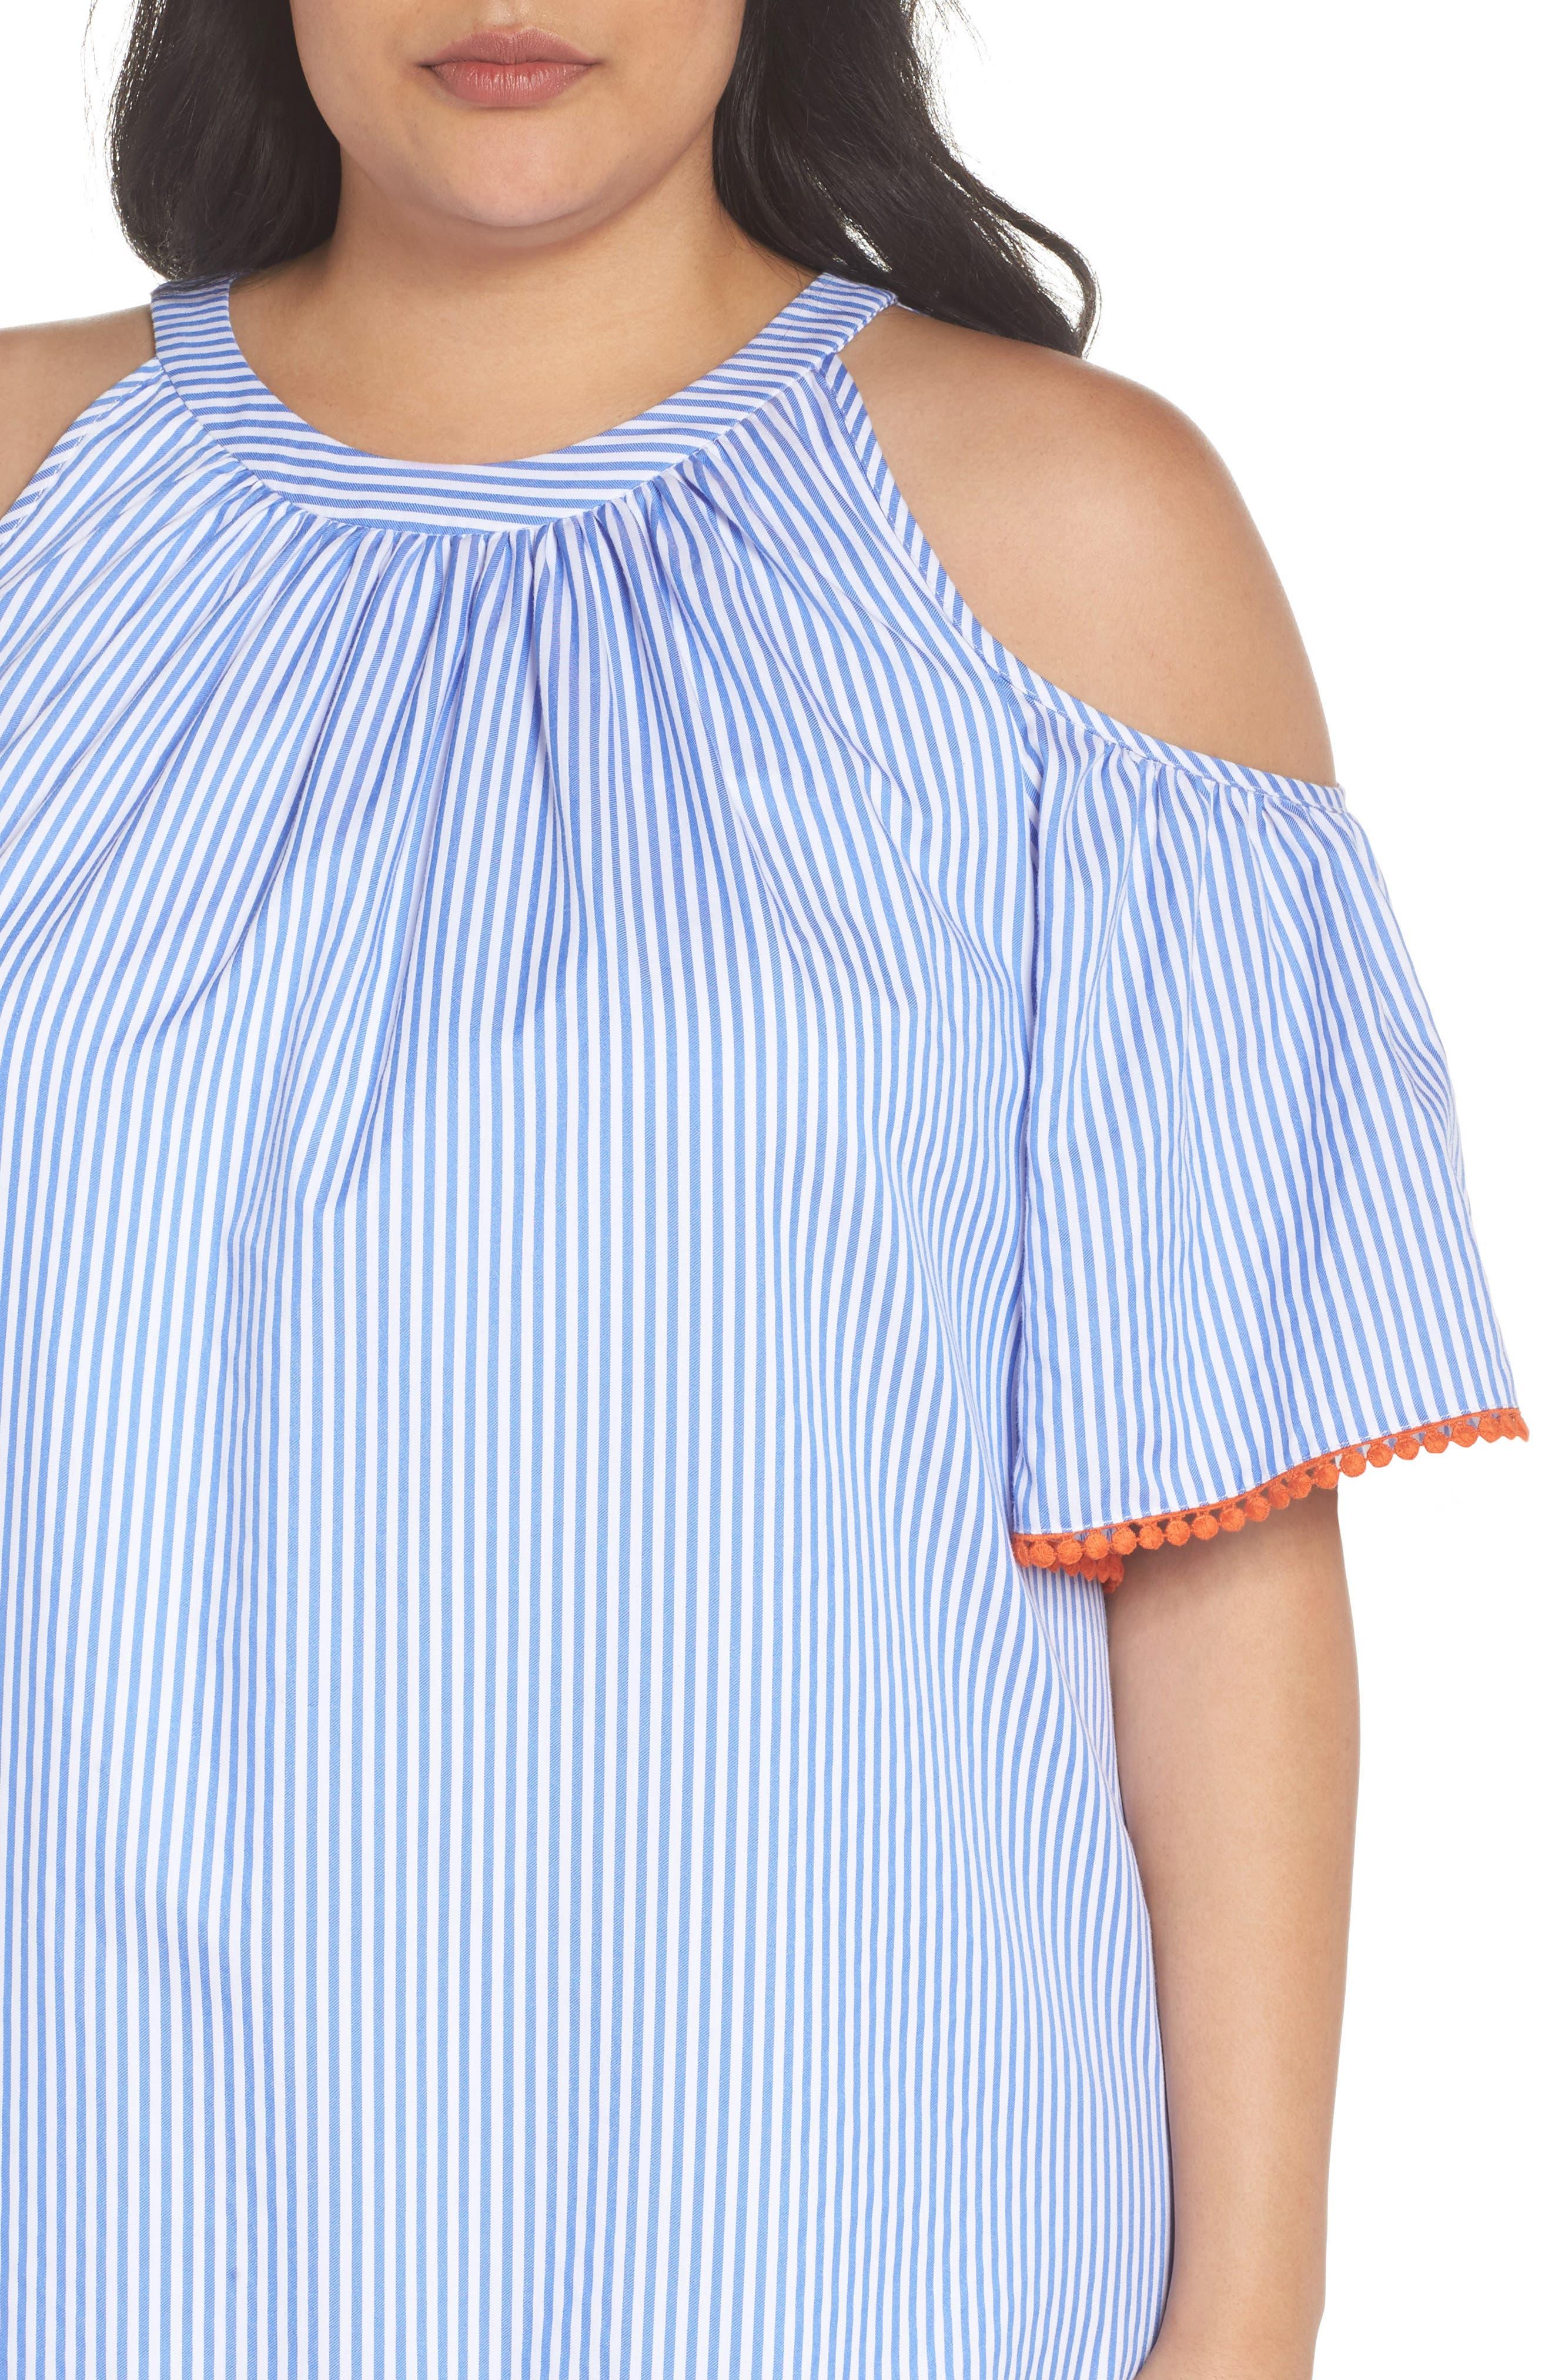 Embroidered Stripe Cold Shoulder Shift Dress,                             Alternate thumbnail 4, color,                             Blue/ White/ Orange